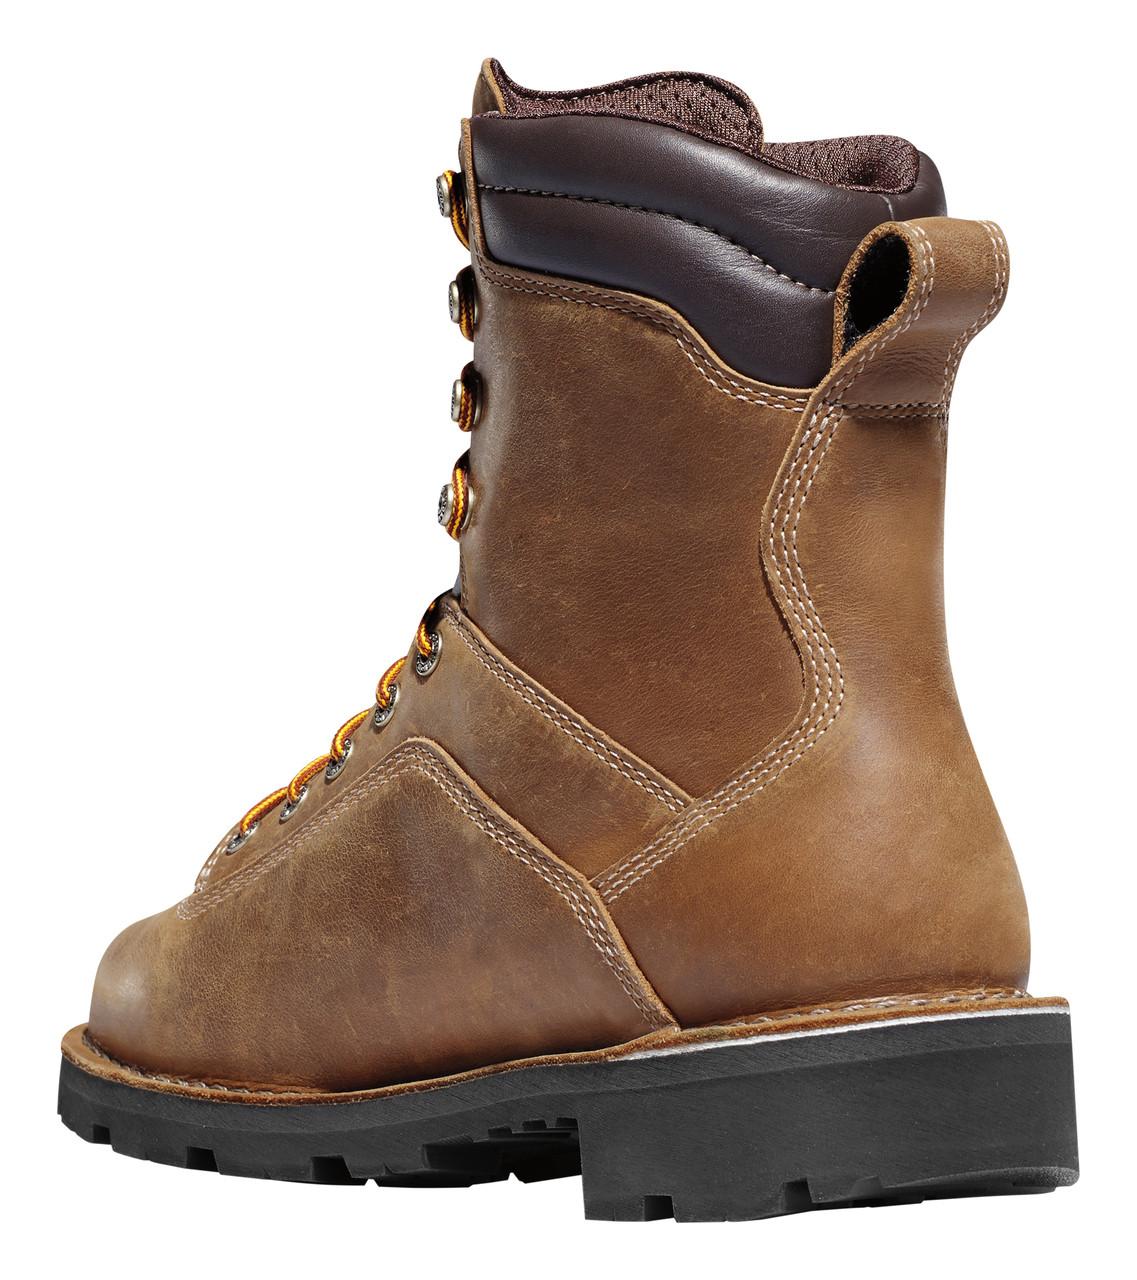 Danner Men S Quarry 400g Insulated Gore Tex Composite Toe